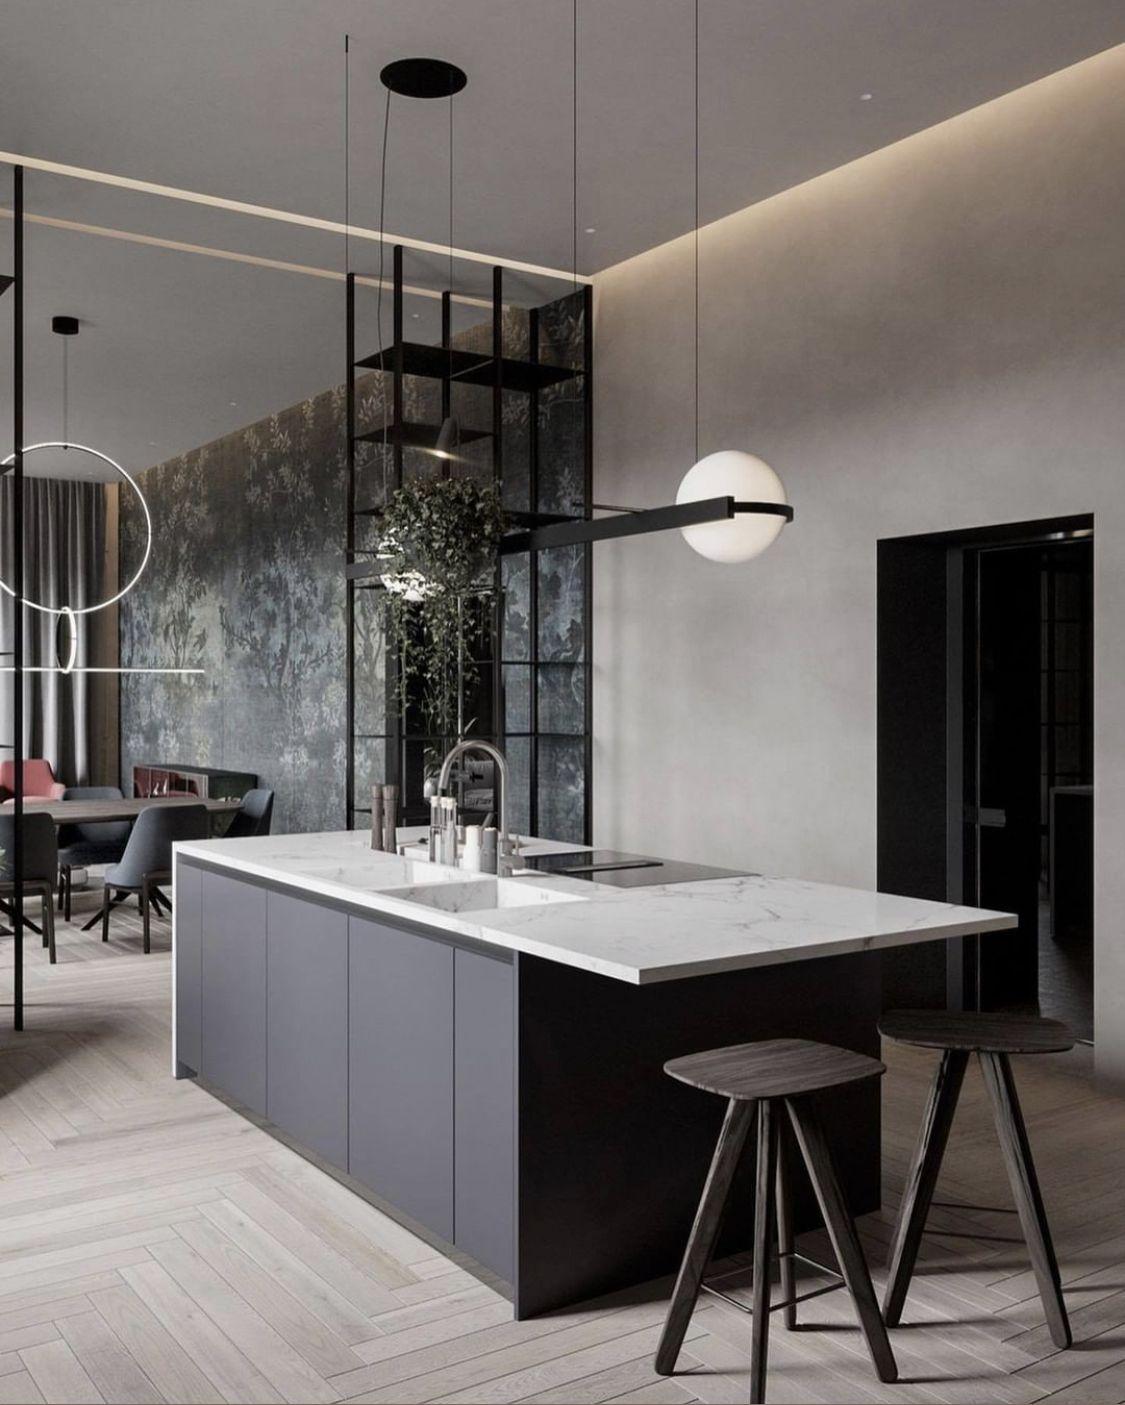 Pin di Aris Athanassiou su interior design nel 2020 ...